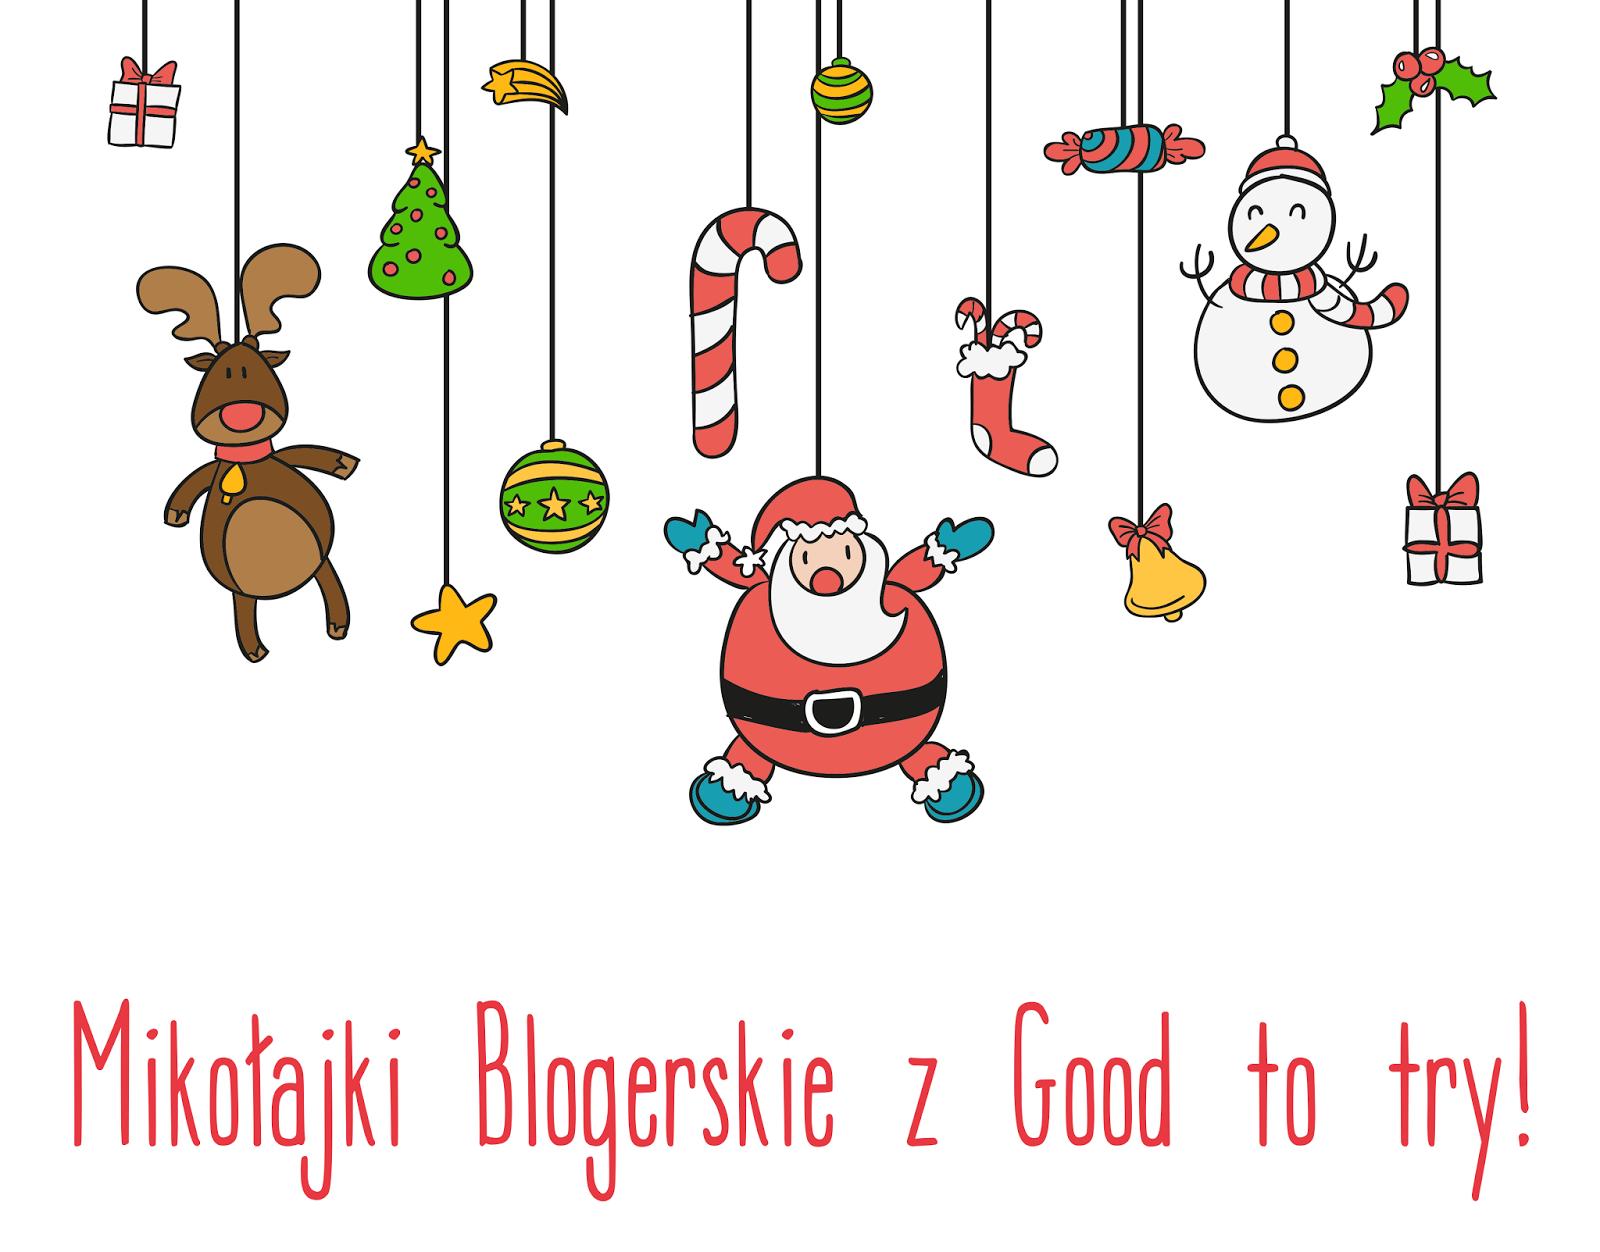 Akcja - Mikołajki Blogerskie